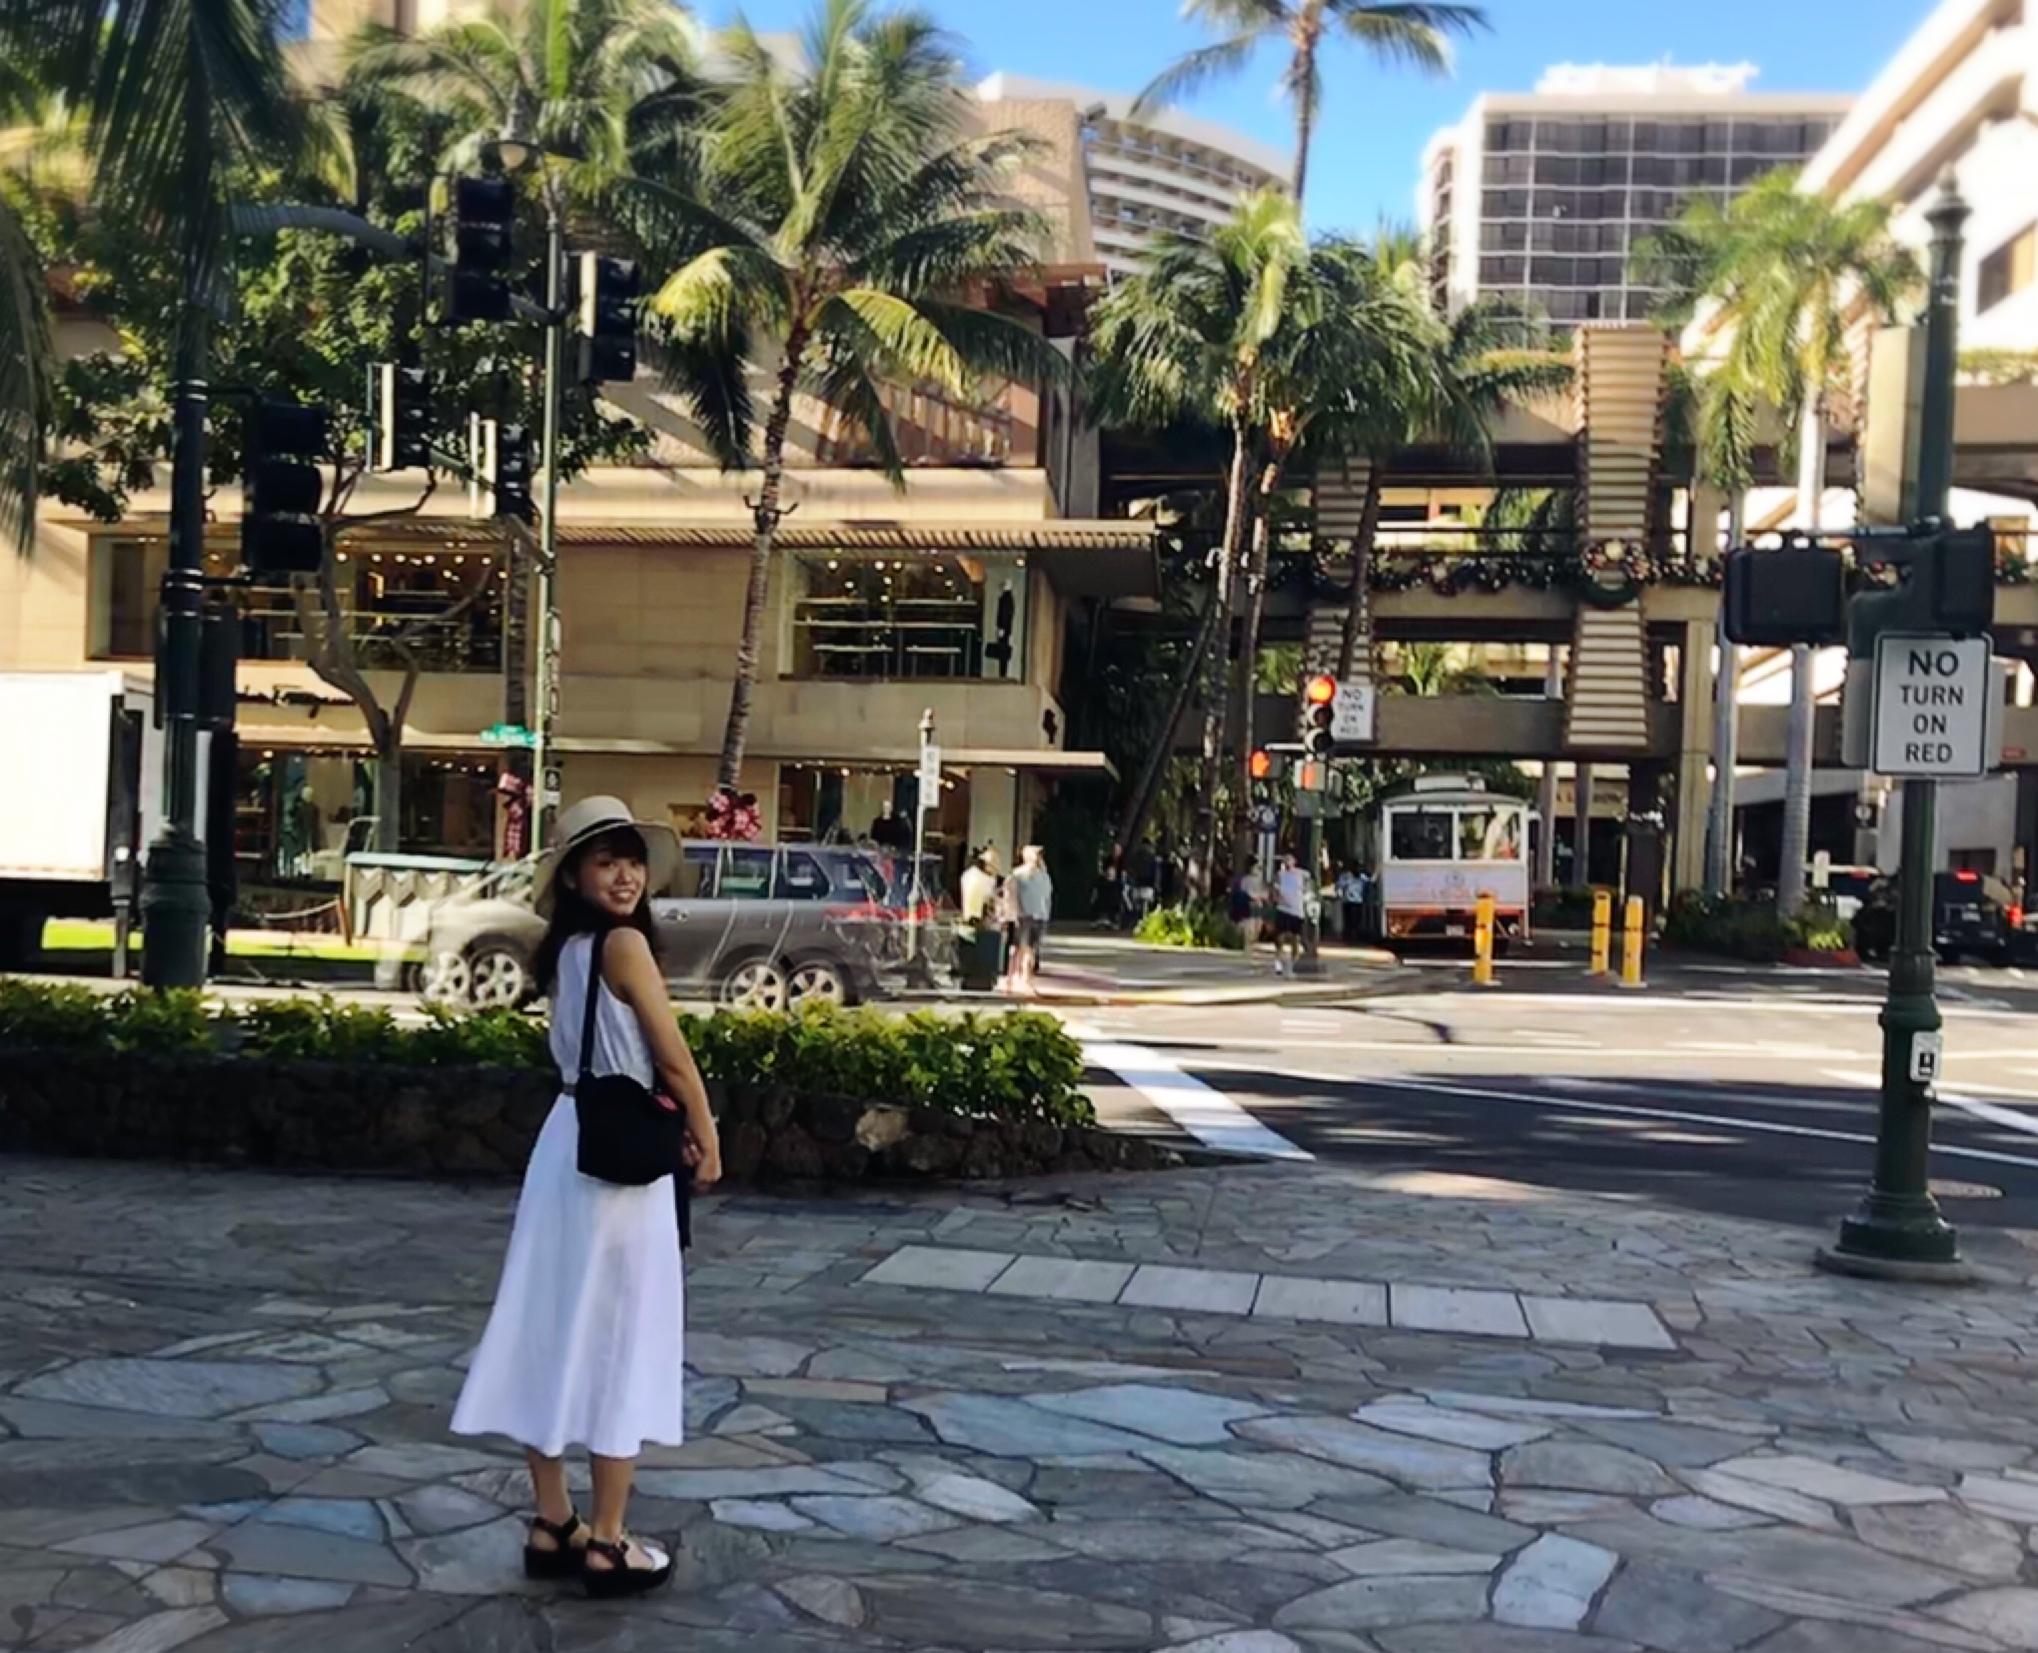 【#HAWAII】#1 写真で一緒に旅行気分を味わいませんか(๑>◡<๑)?旅行自粛解禁したらもう一度行きたいcafeをシェアします♩_6